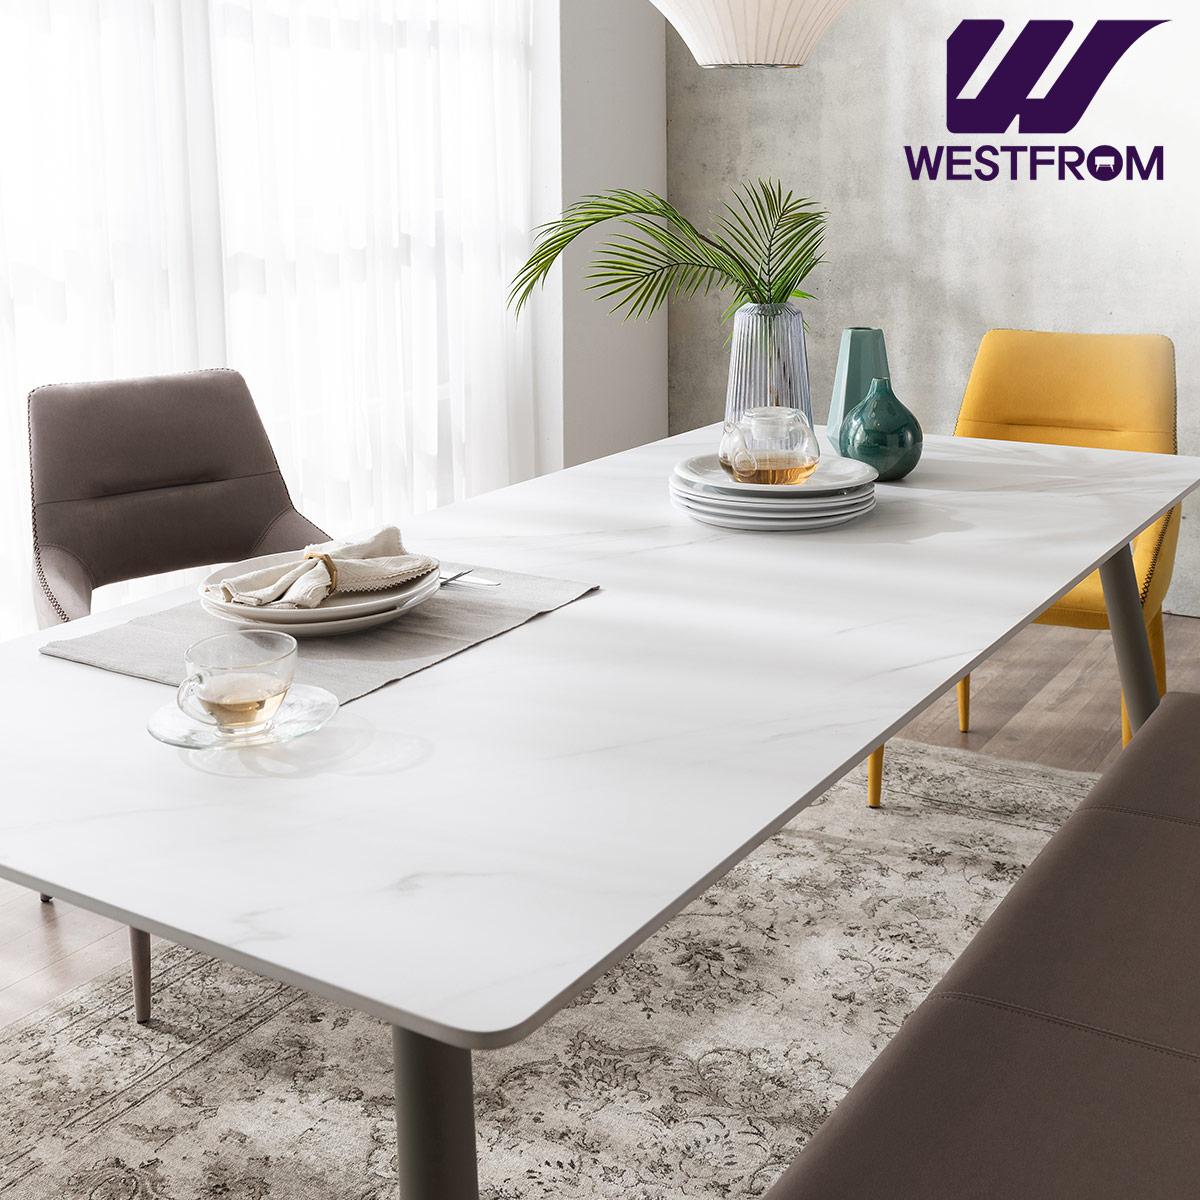 [웨스트프롬] 라클리 이지클린 4인 포세린 세라믹 식탁 + 의자 4개